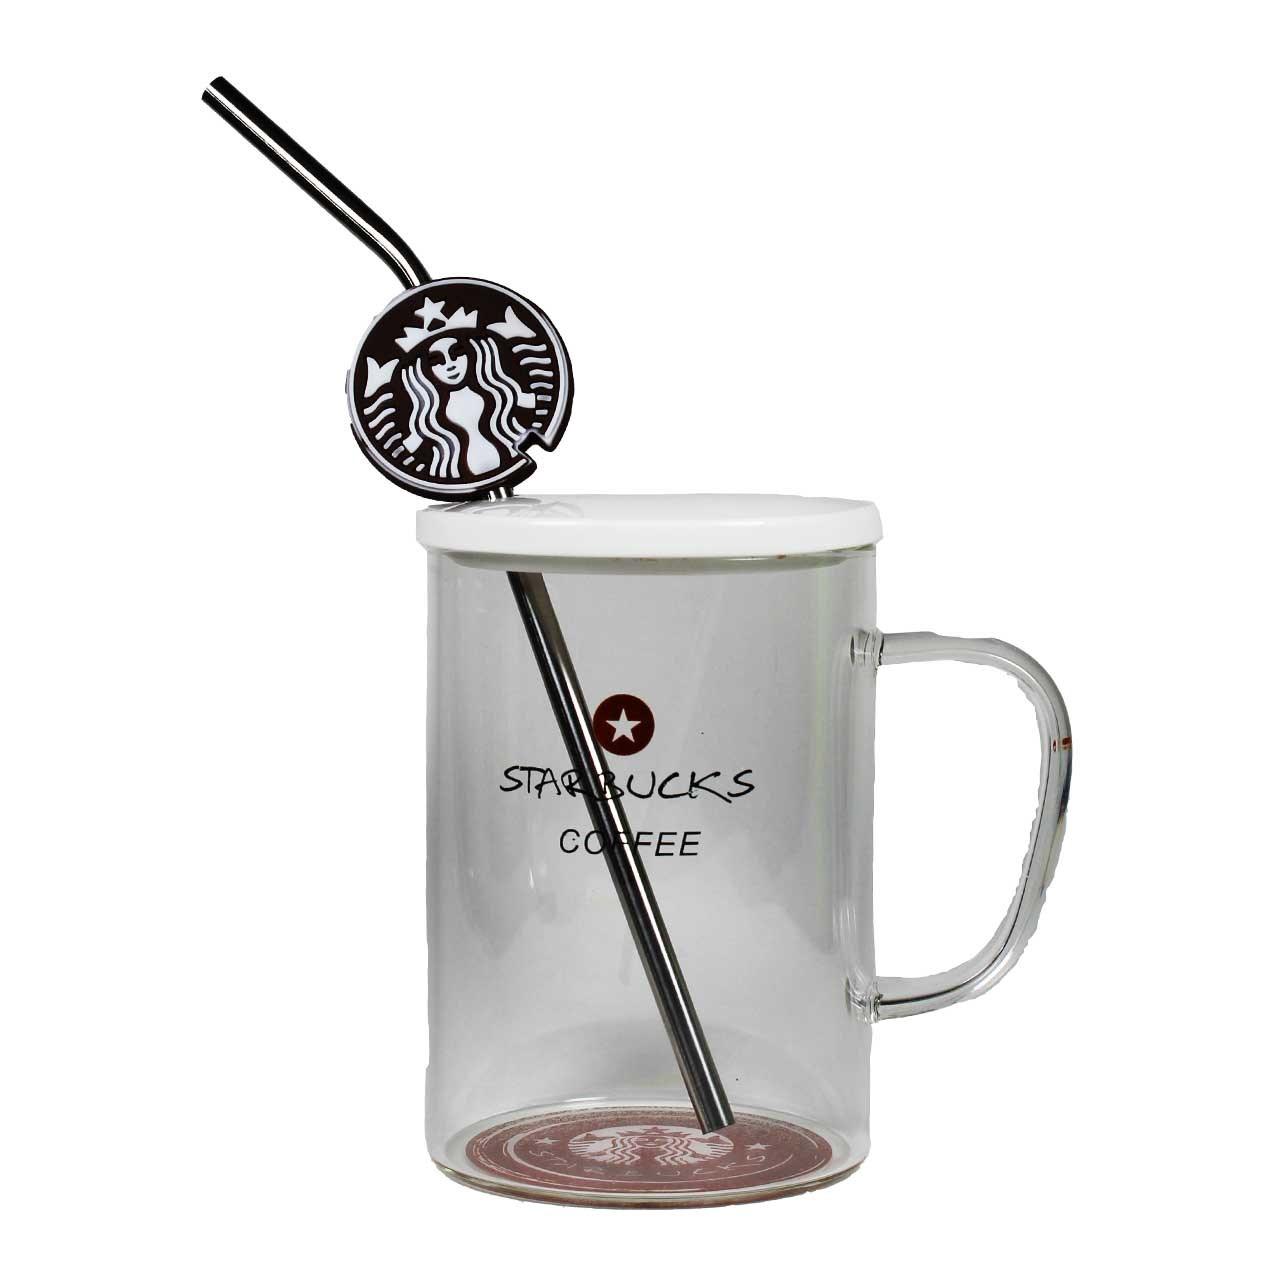 ماگ شیشه ای دردار مدل Starbucks طرح 4